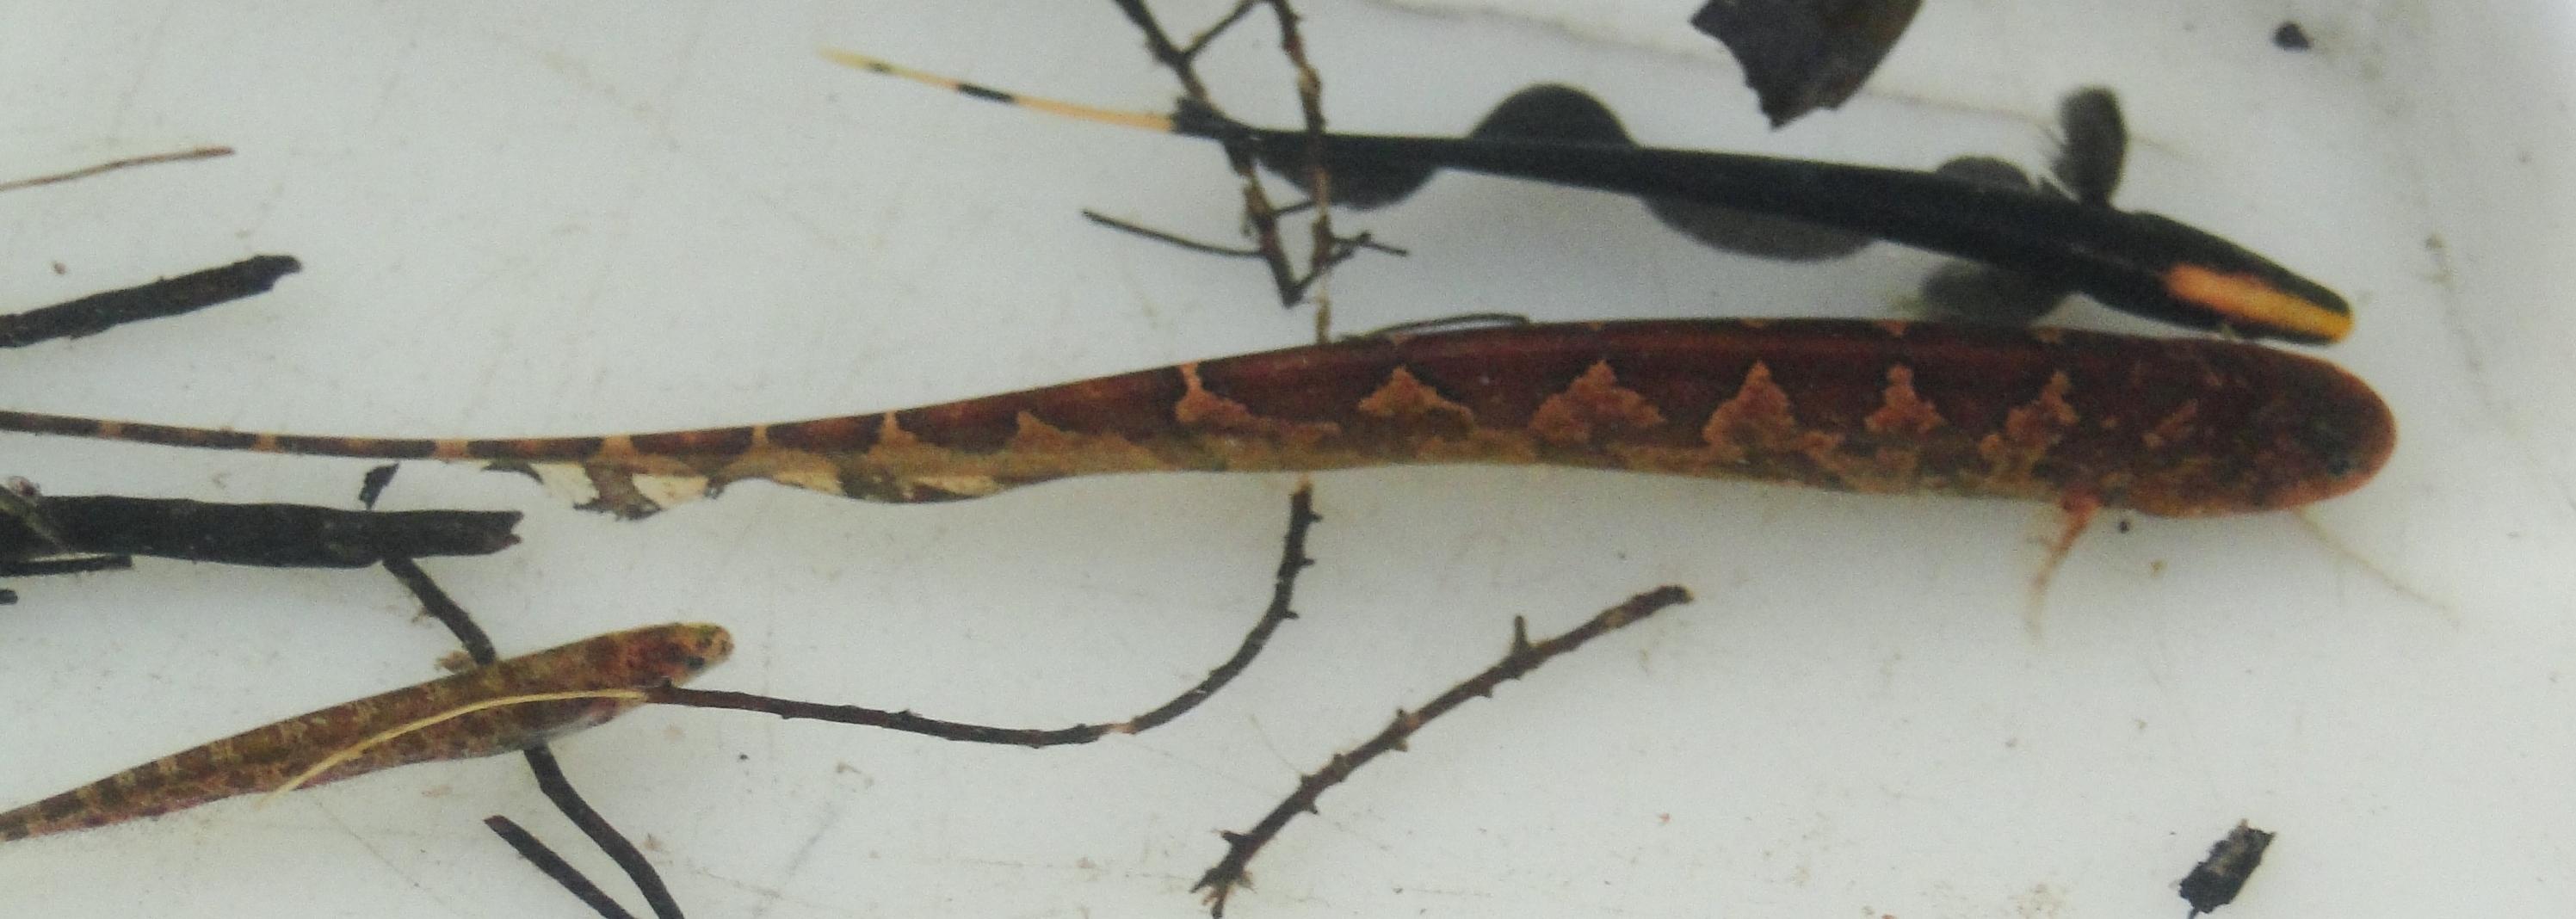 Na imagem, três diferentes espécies existentes na bacia do Rio Branco, em Roraima. (Foto: Divulgação)